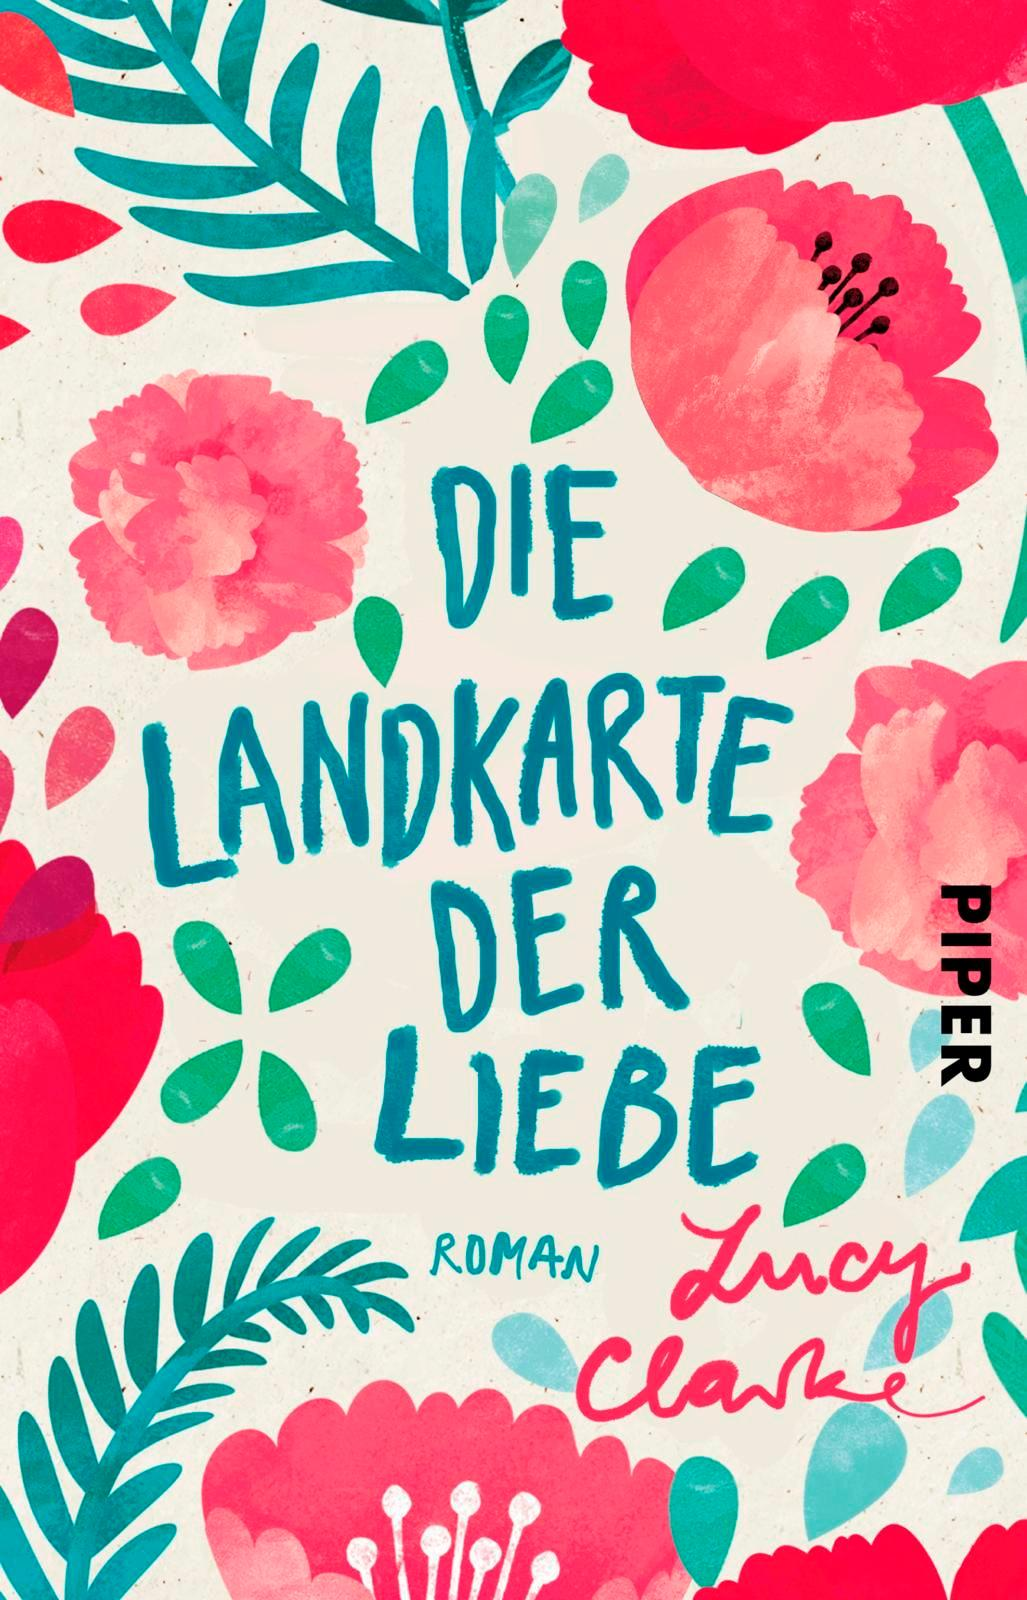 Die Landkarte der Liebe, Lucy Clarke, Taschenbuch, Deutsch, 2017